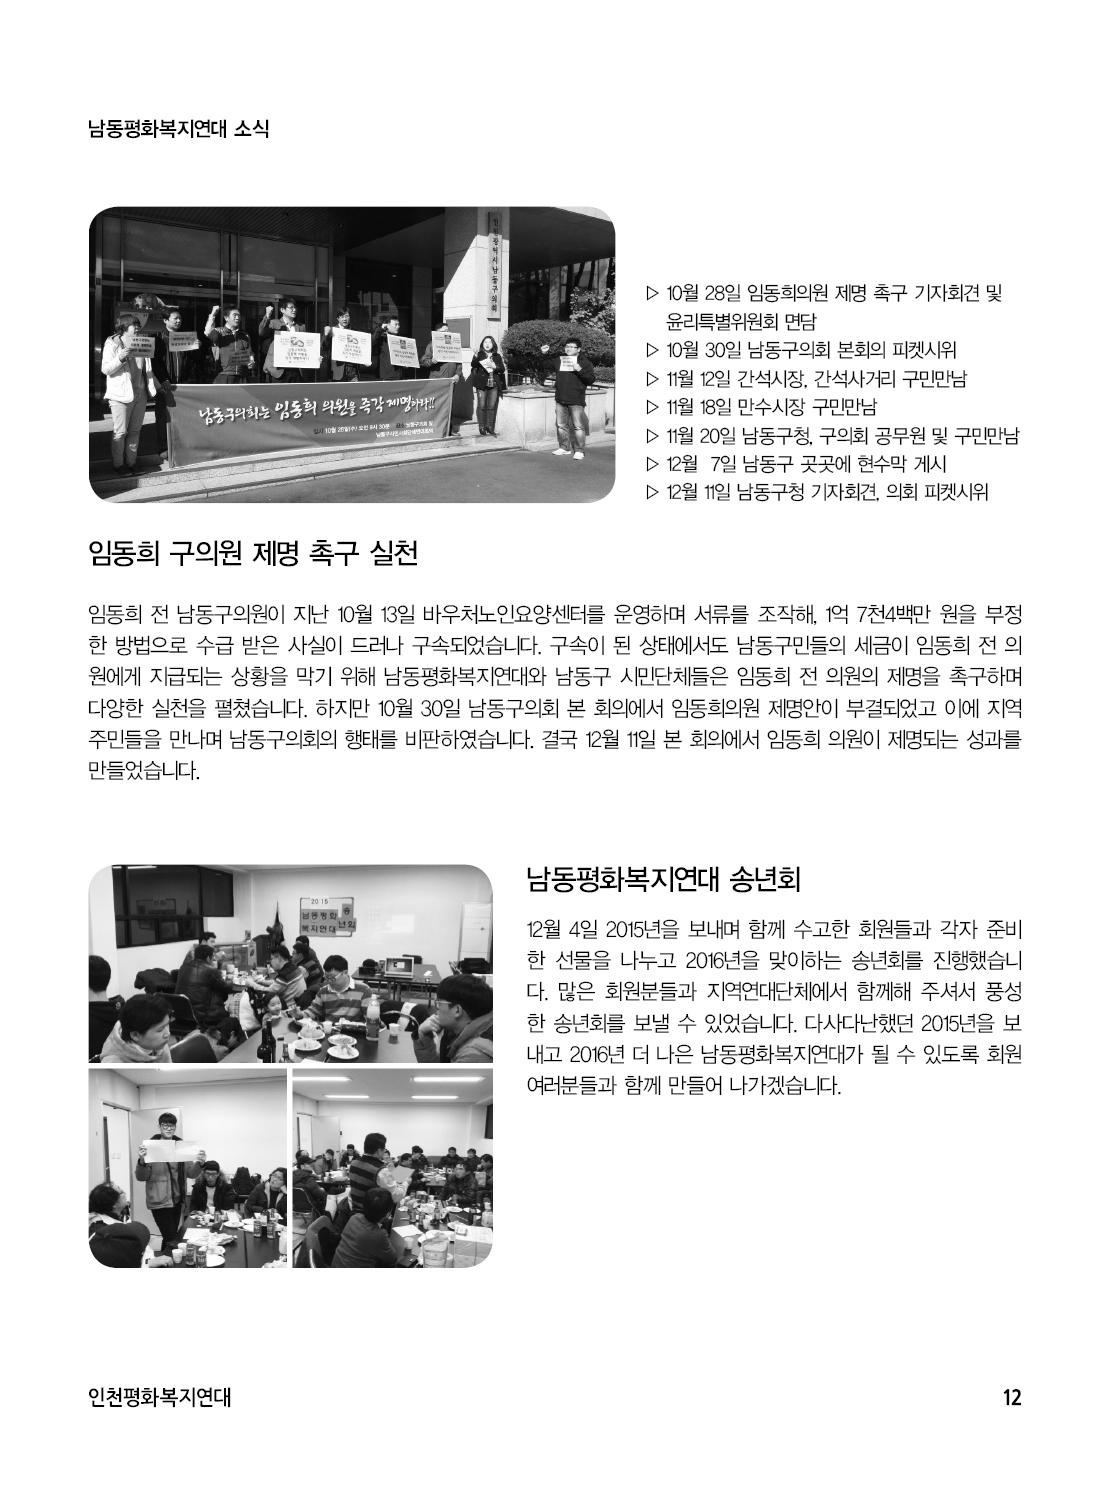 아웃라인 인천평화복지연대 창간준비2호12.jpg